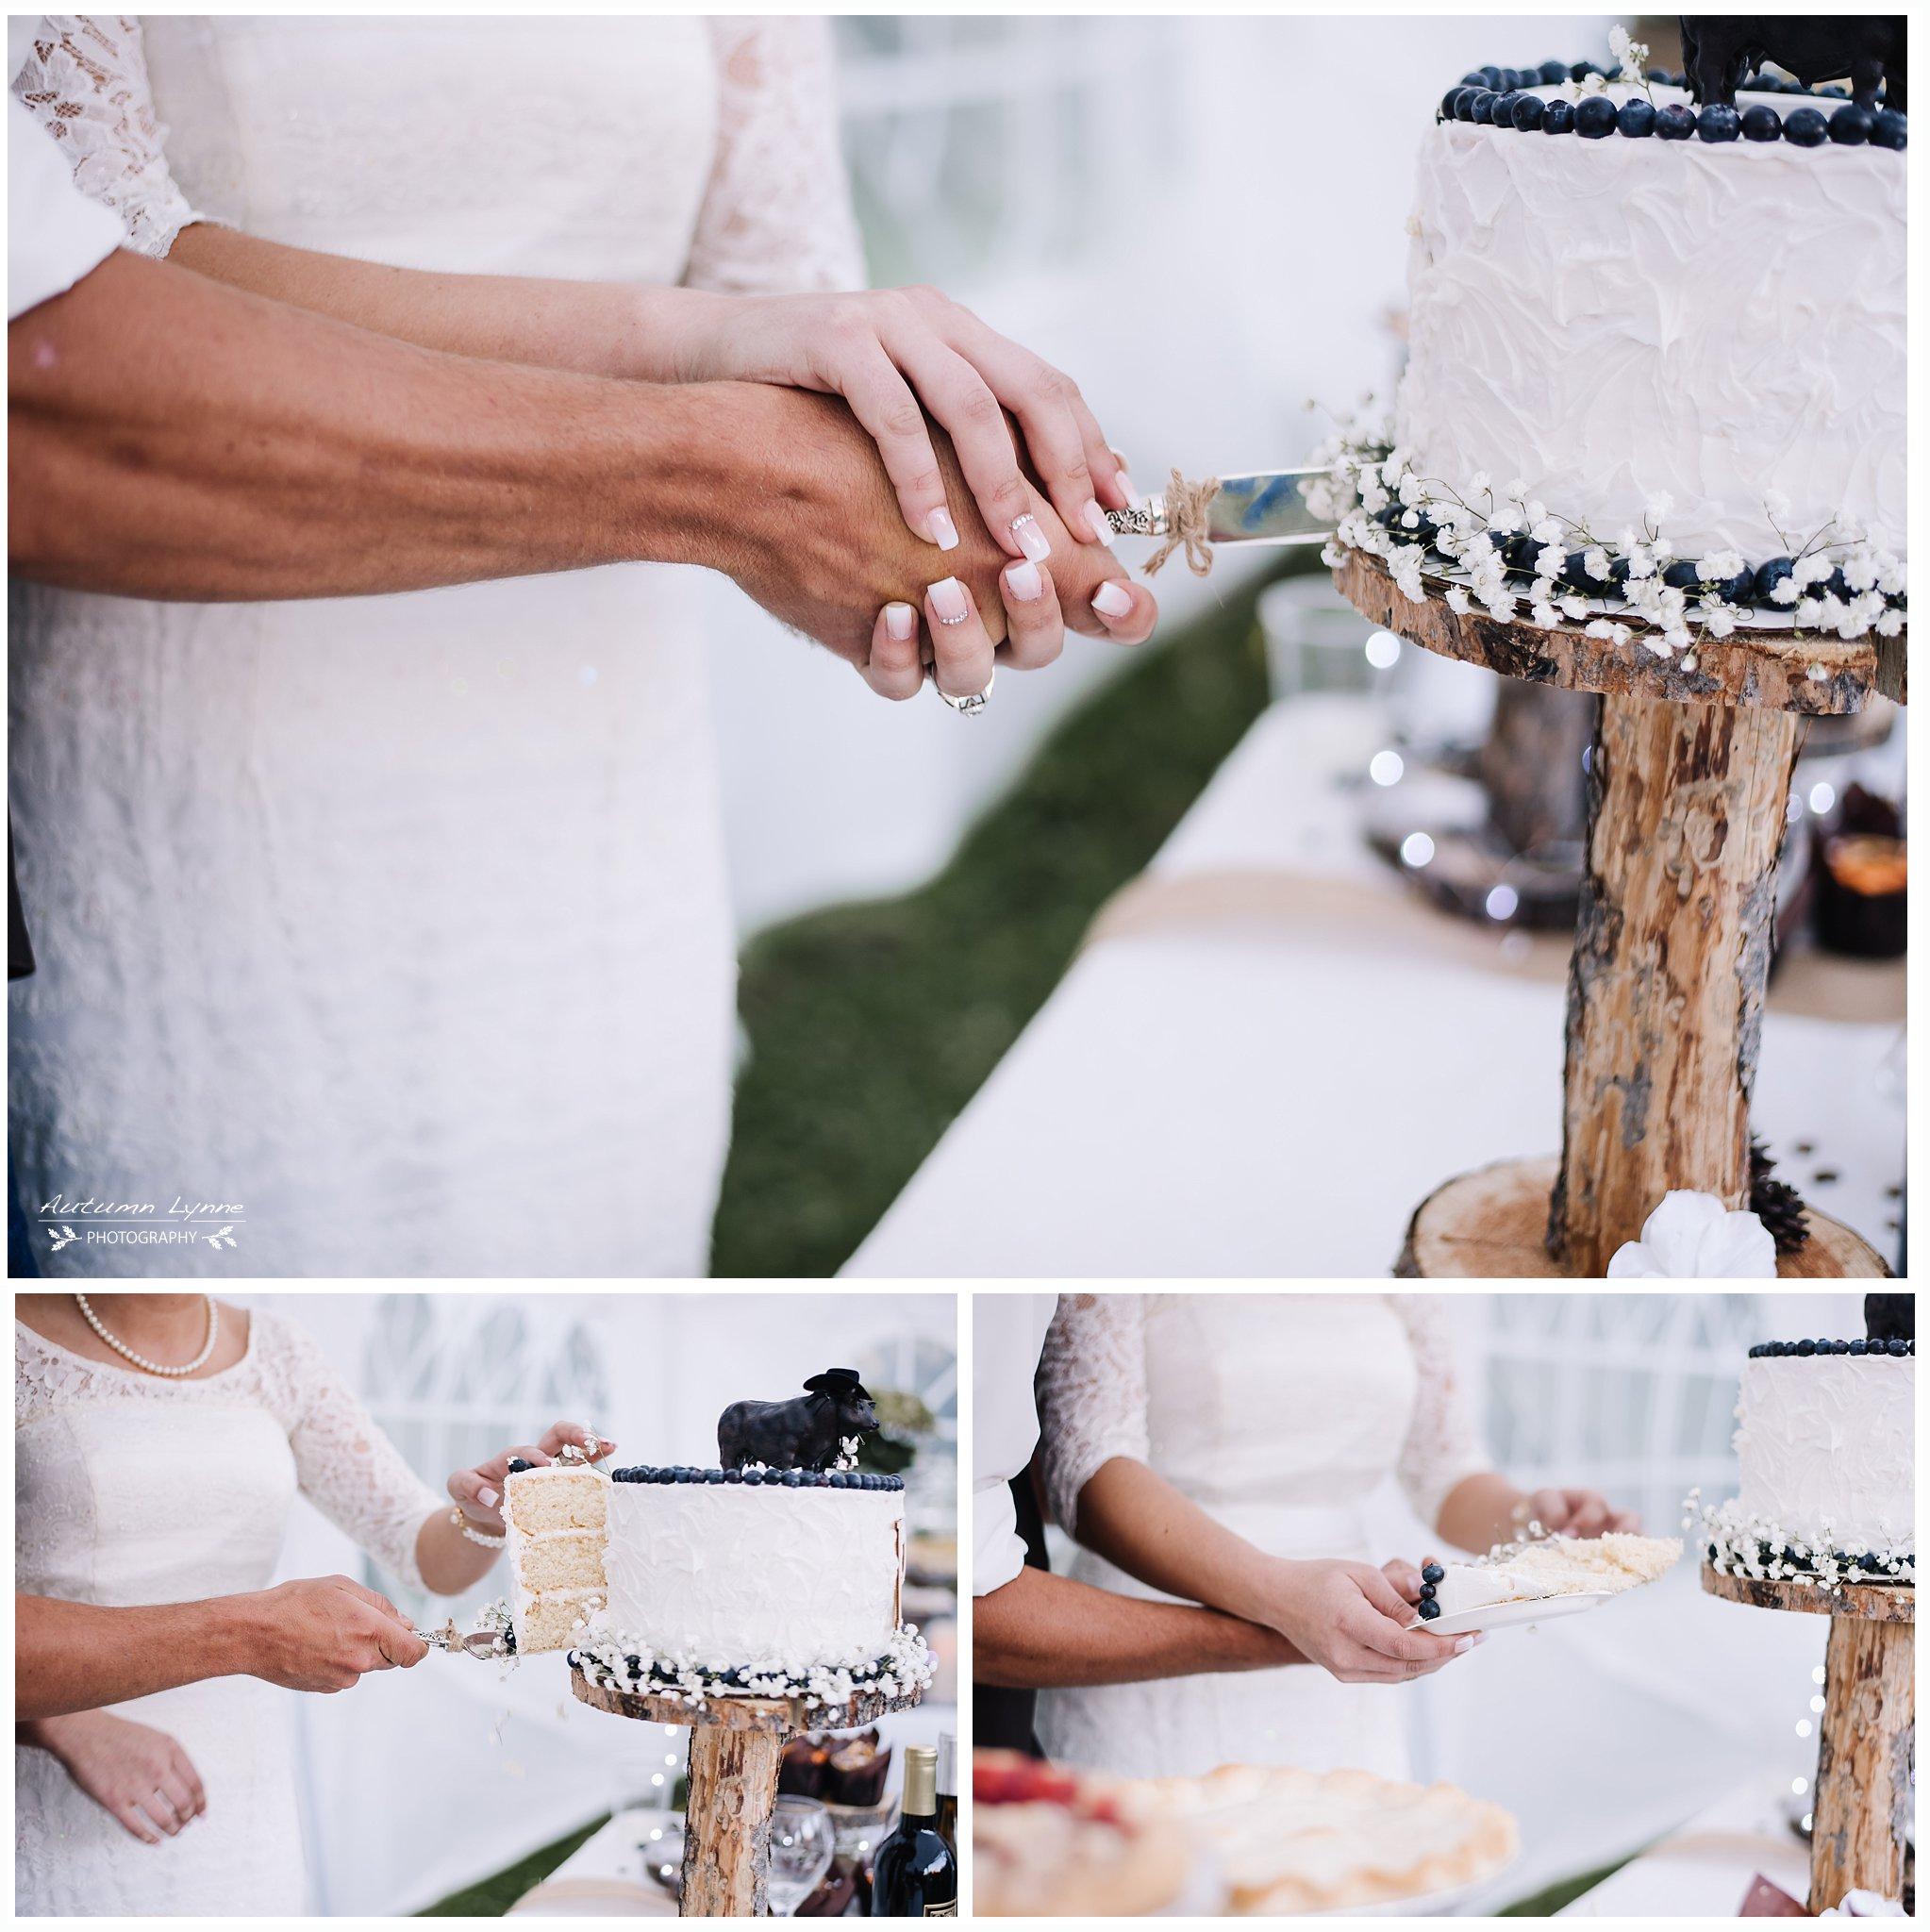 wedding Cake cutting. blueberry wedding cake